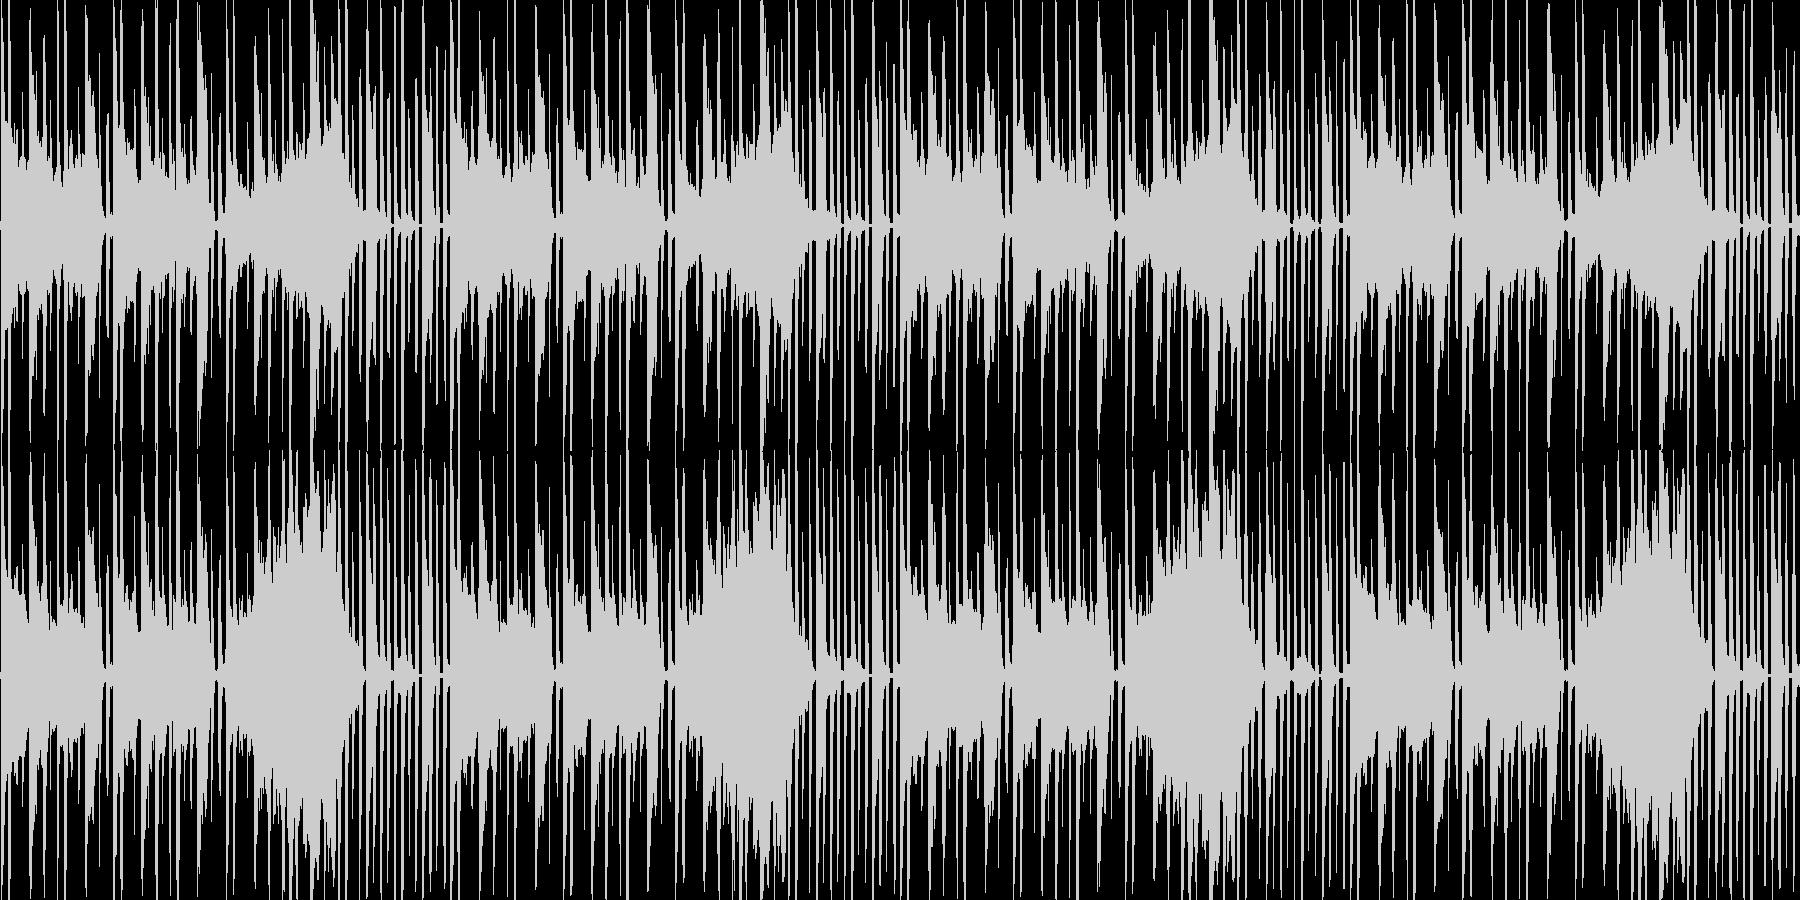 【近未来的雰囲気のHIPHOP】の未再生の波形